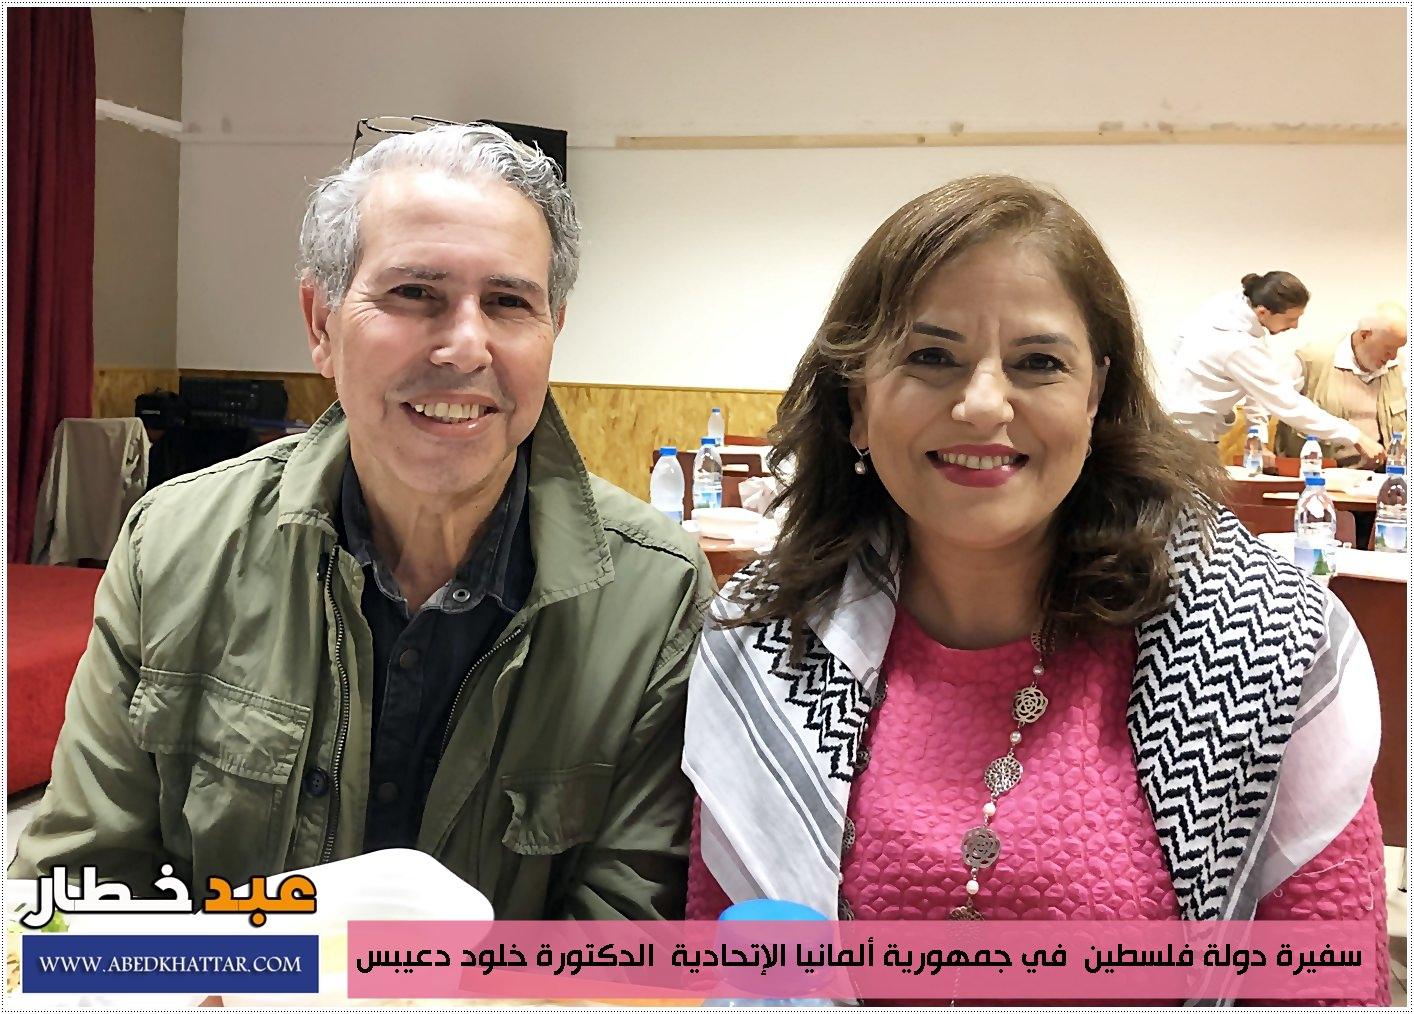 سفيرة دولة فلسطين في المانيا الدكتورة خلود دعيبس